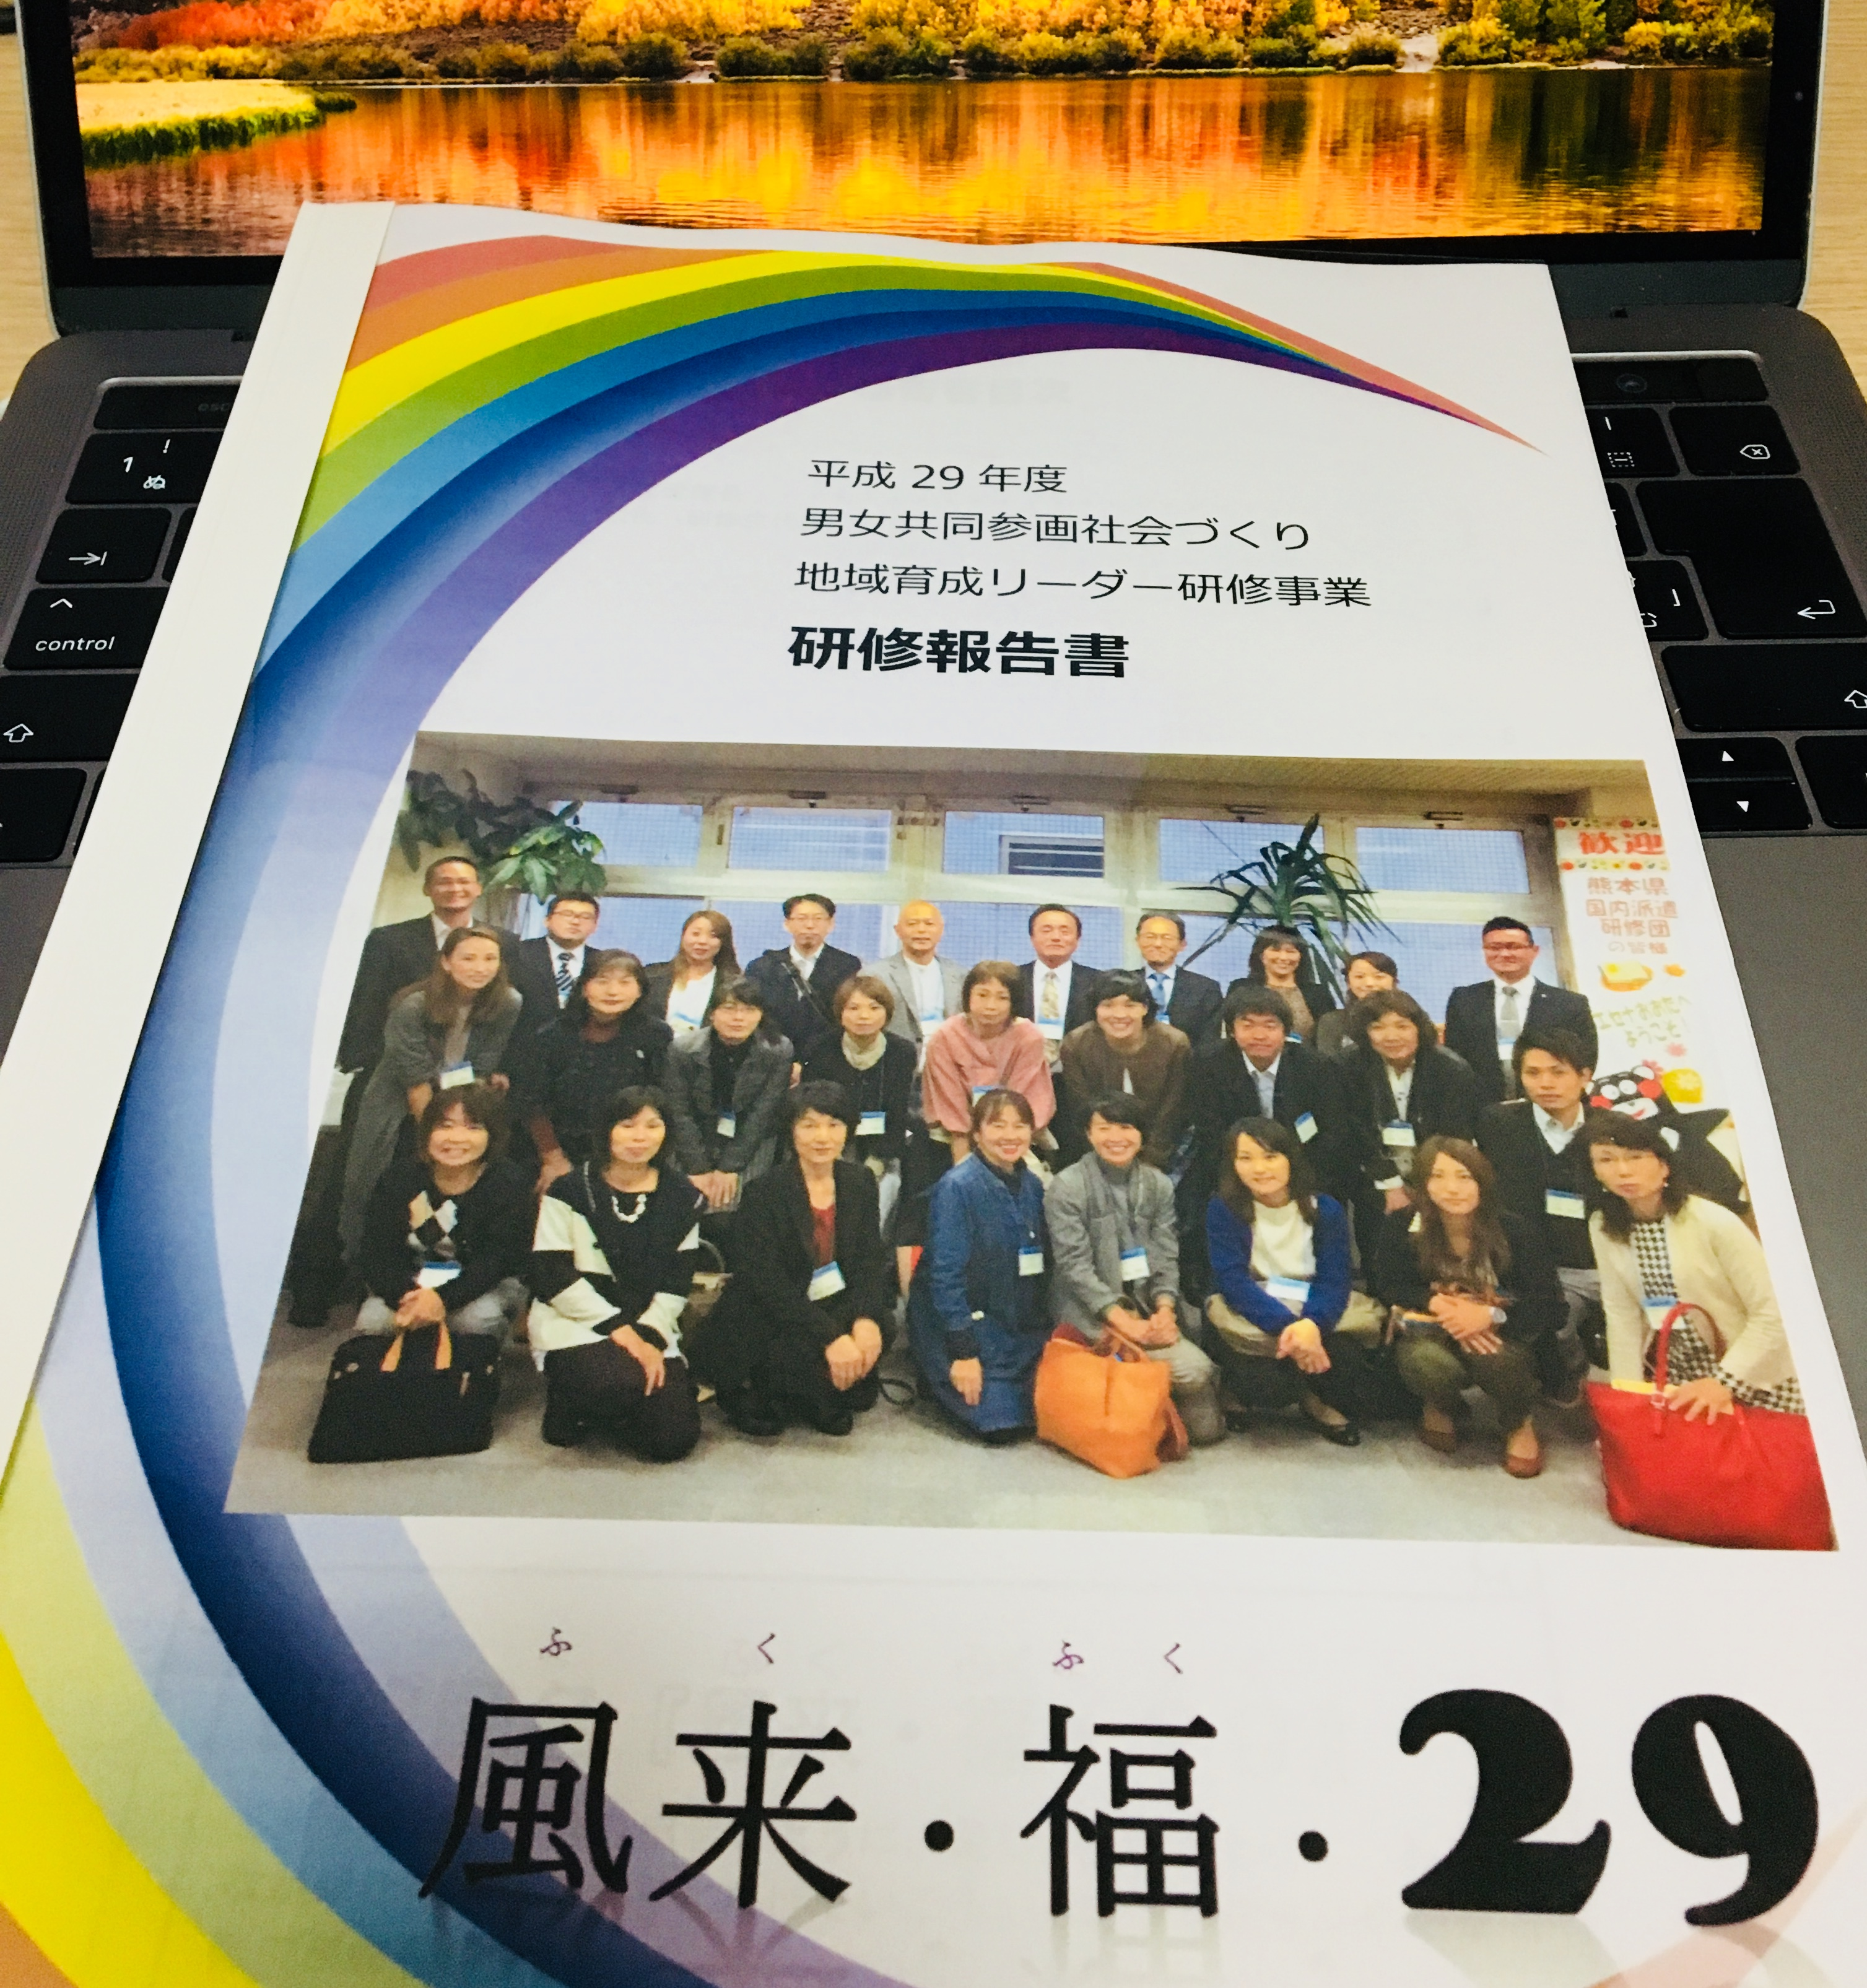 熊本県から研修報告書が届きました。沢山の感想コメント、ありがとうございます。